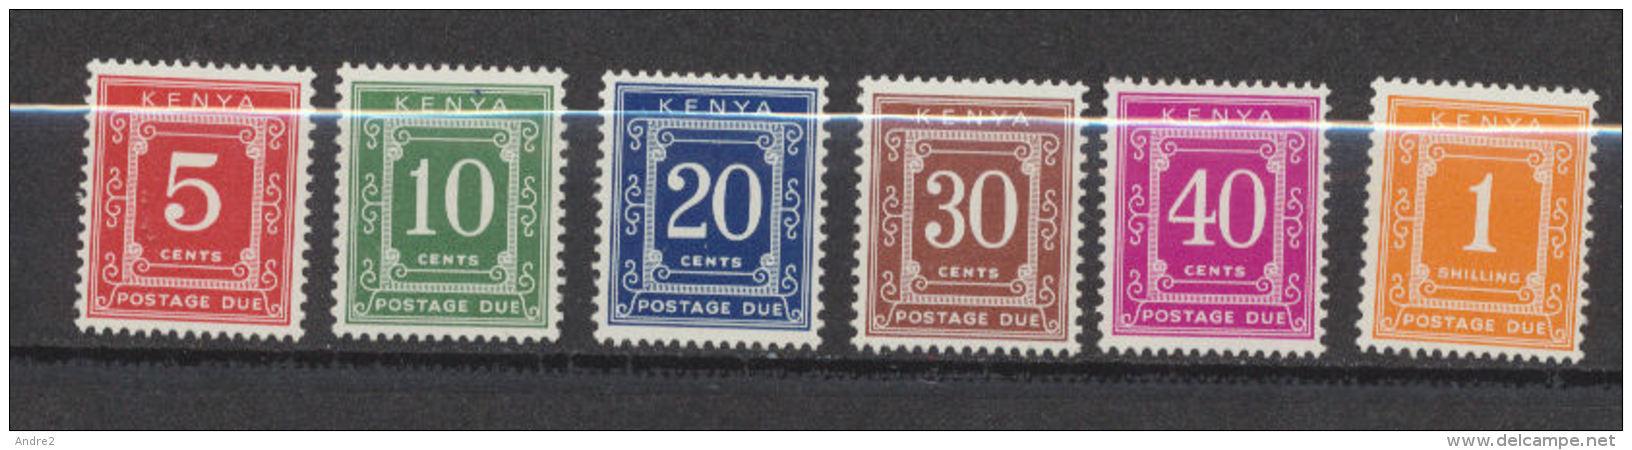 Kenya  1967 Timbres-Taxe  ***  MNH - Kenia (1963-...)